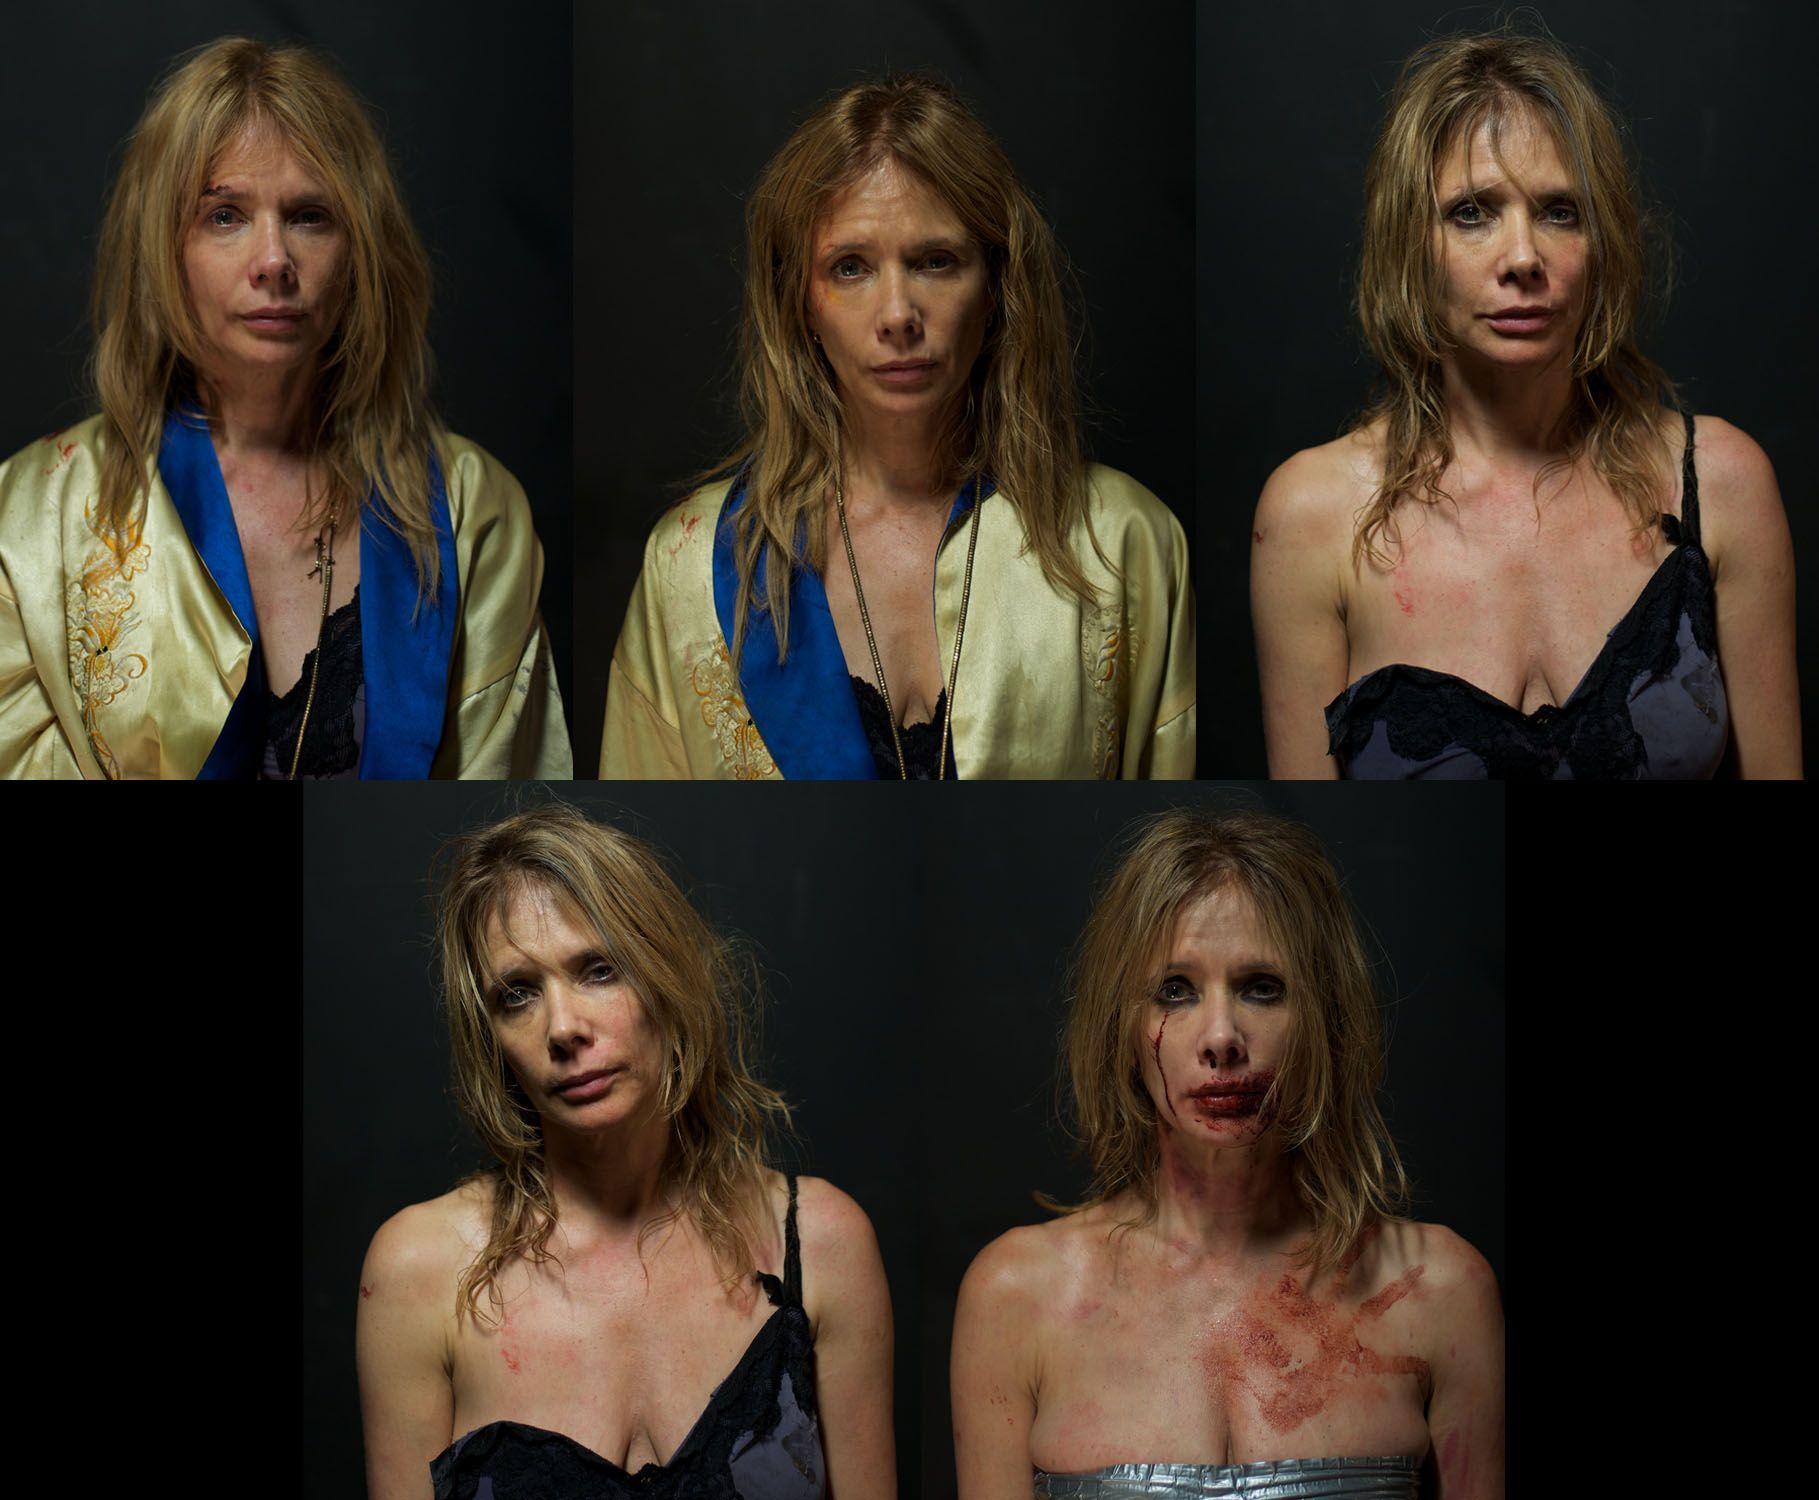 The Divide (2011) Rosanna Arquette Rosanna,